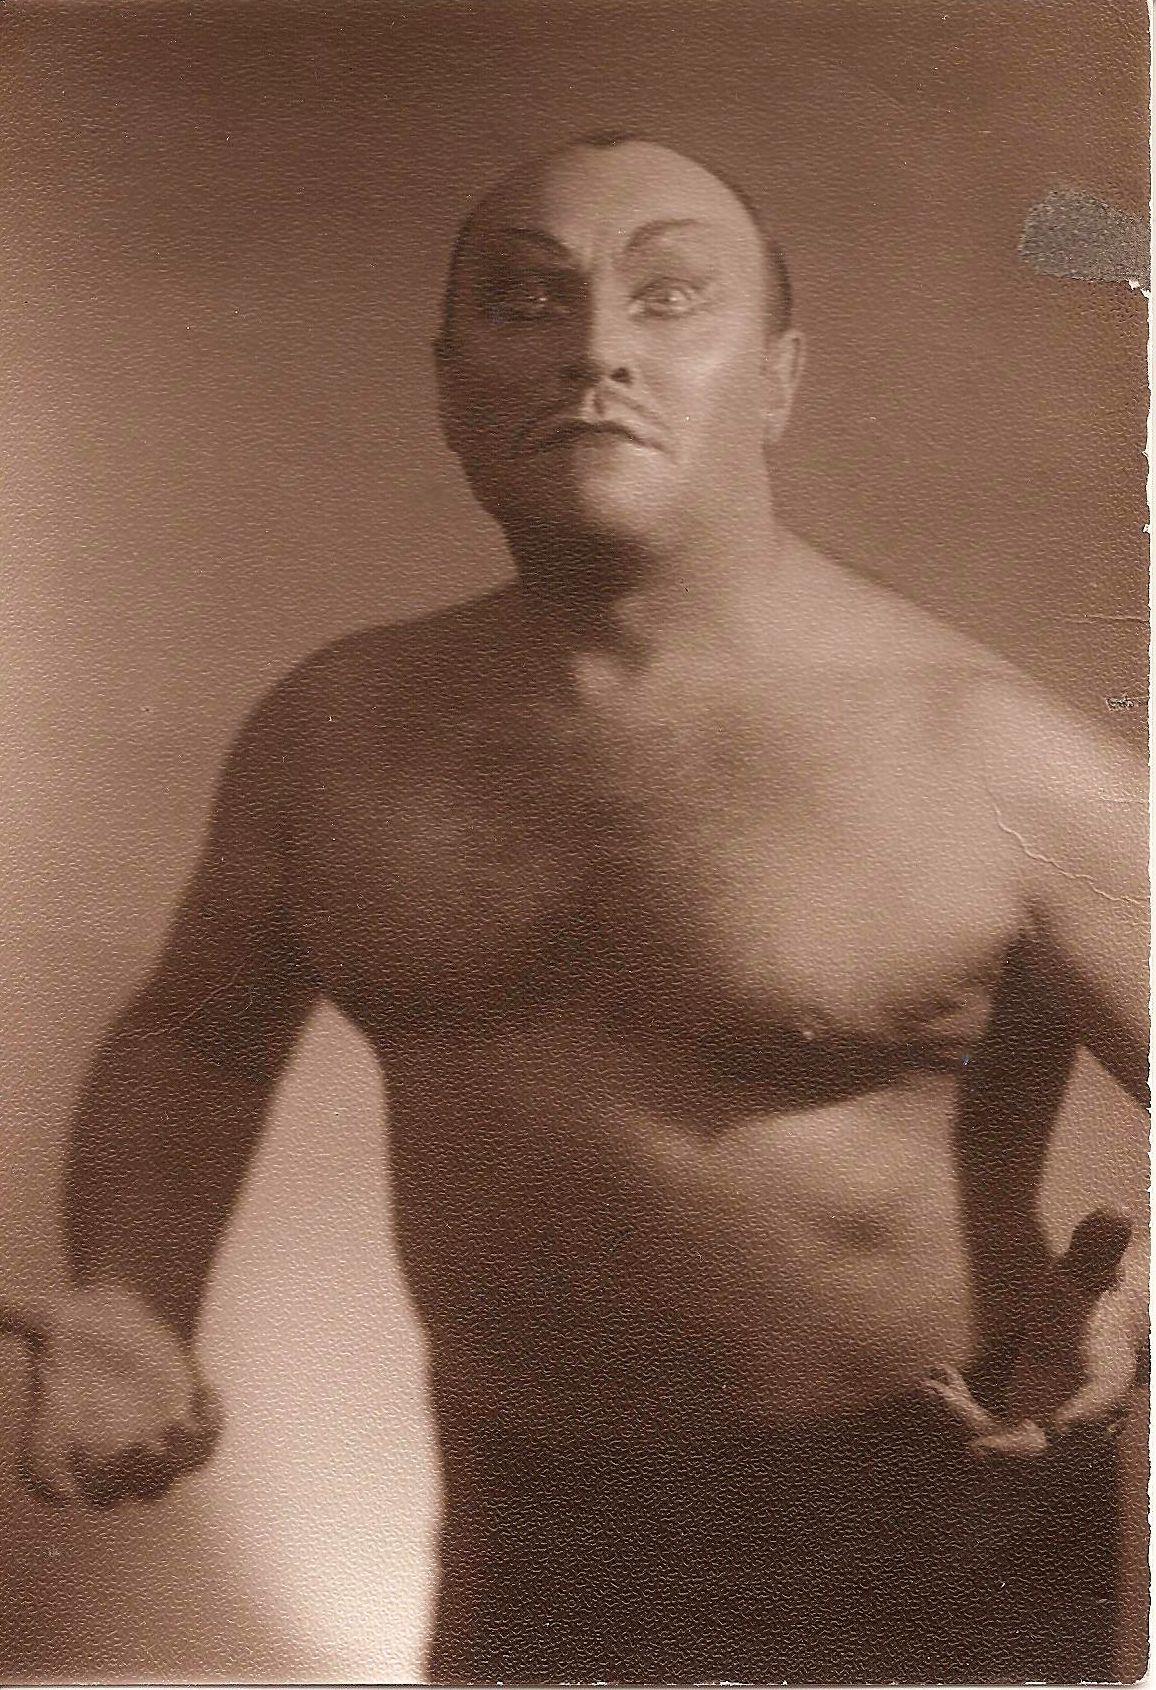 Леонид Георгиевич Морозов (дядя Лёка) в роли Самурая, 1950-е годы